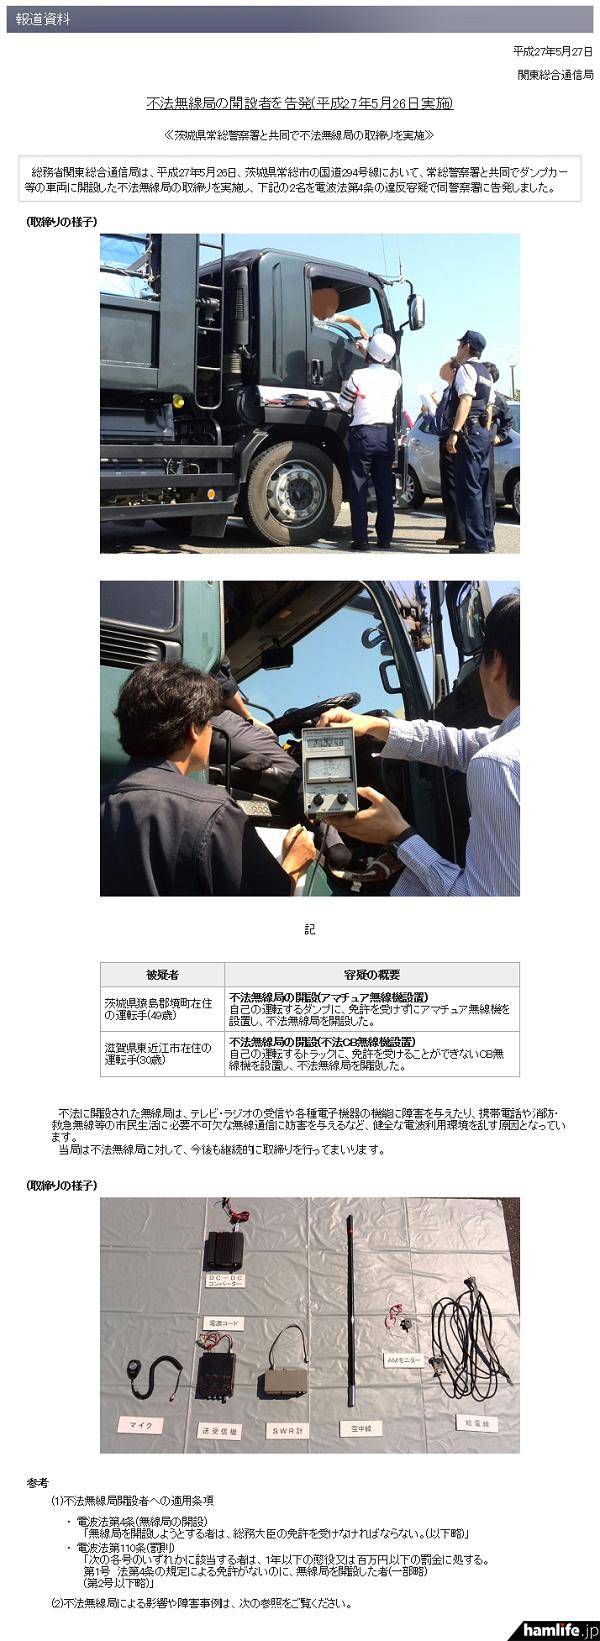 関東総合通信局の報道発表資料